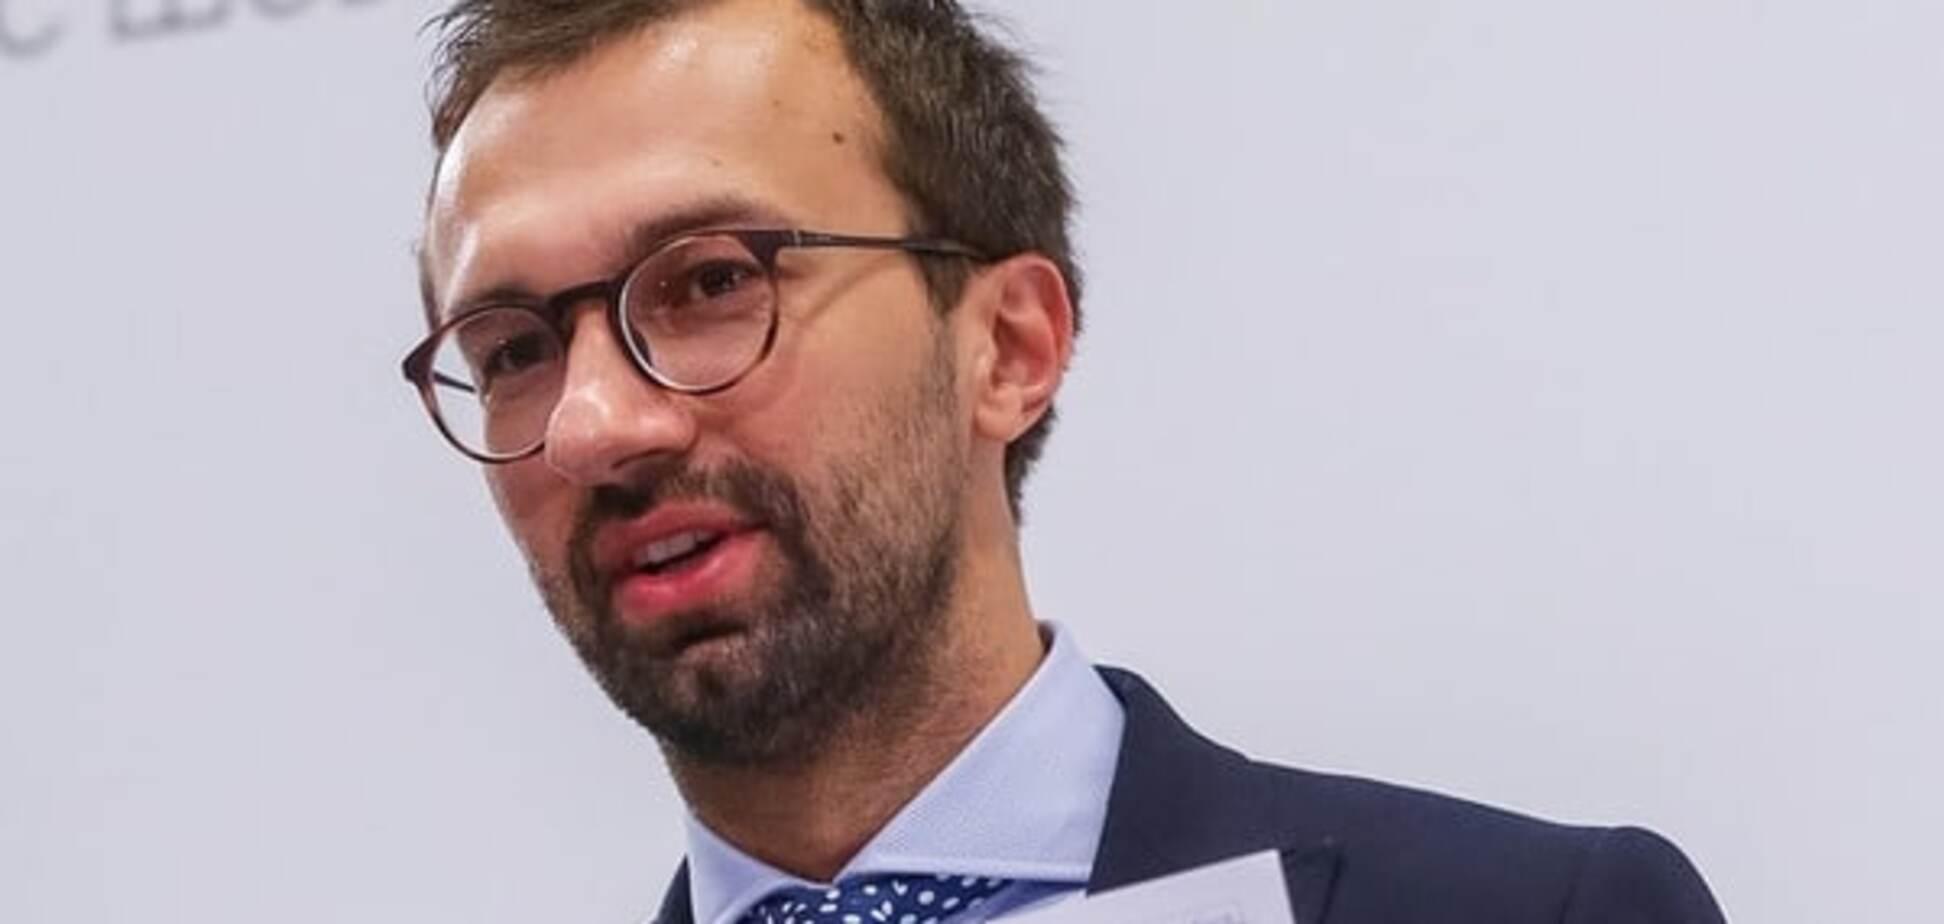 Политолог объяснил, как Лещенко отвлекает внимание от скандала с квартирой